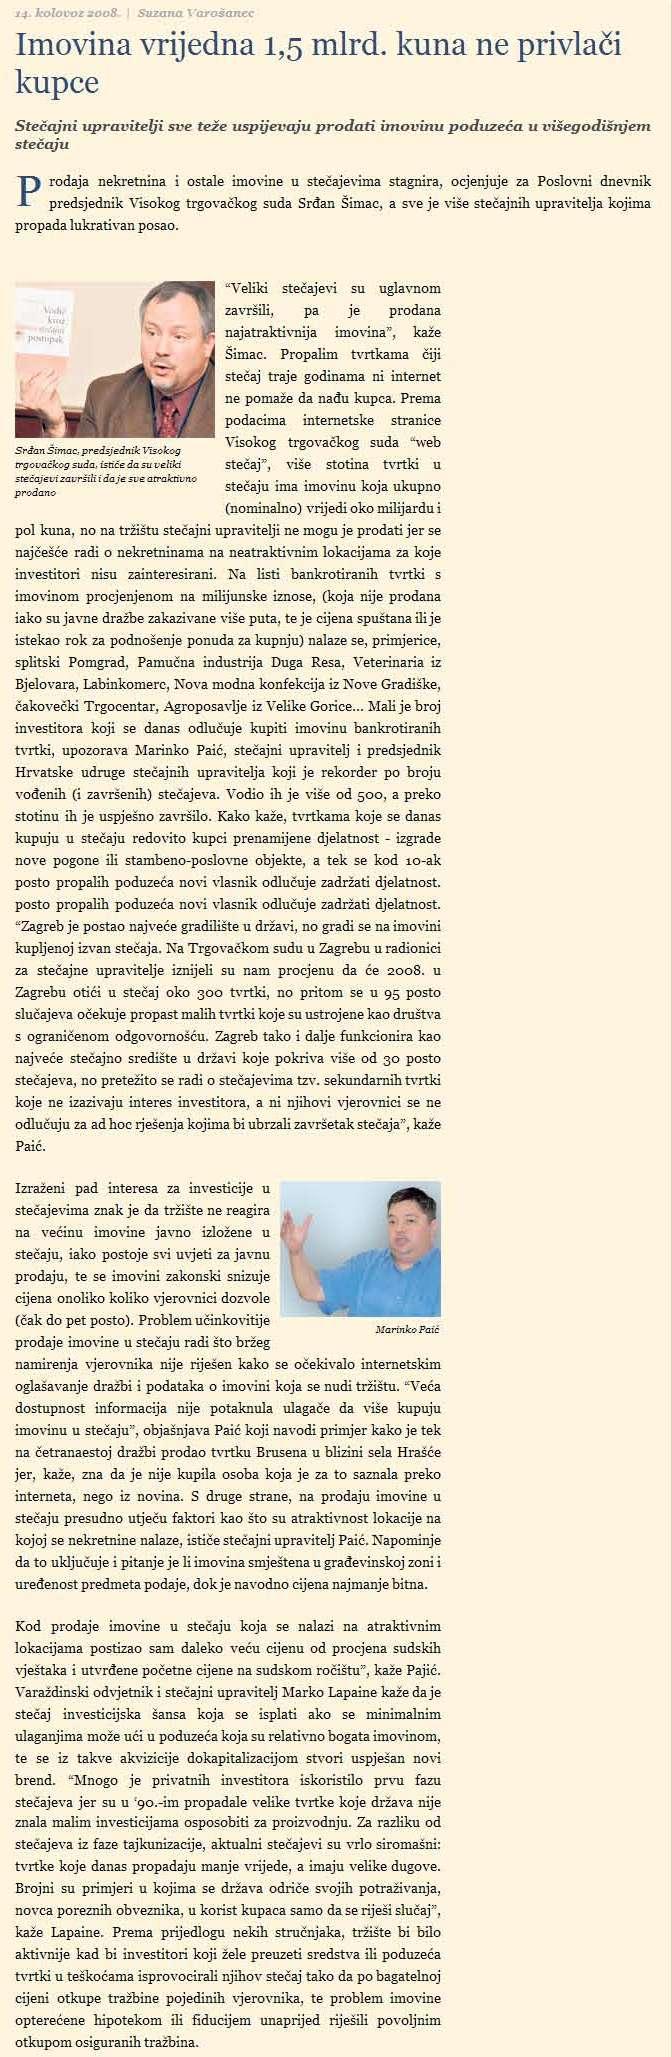 poslovni_dnevnik_14082008.jpg